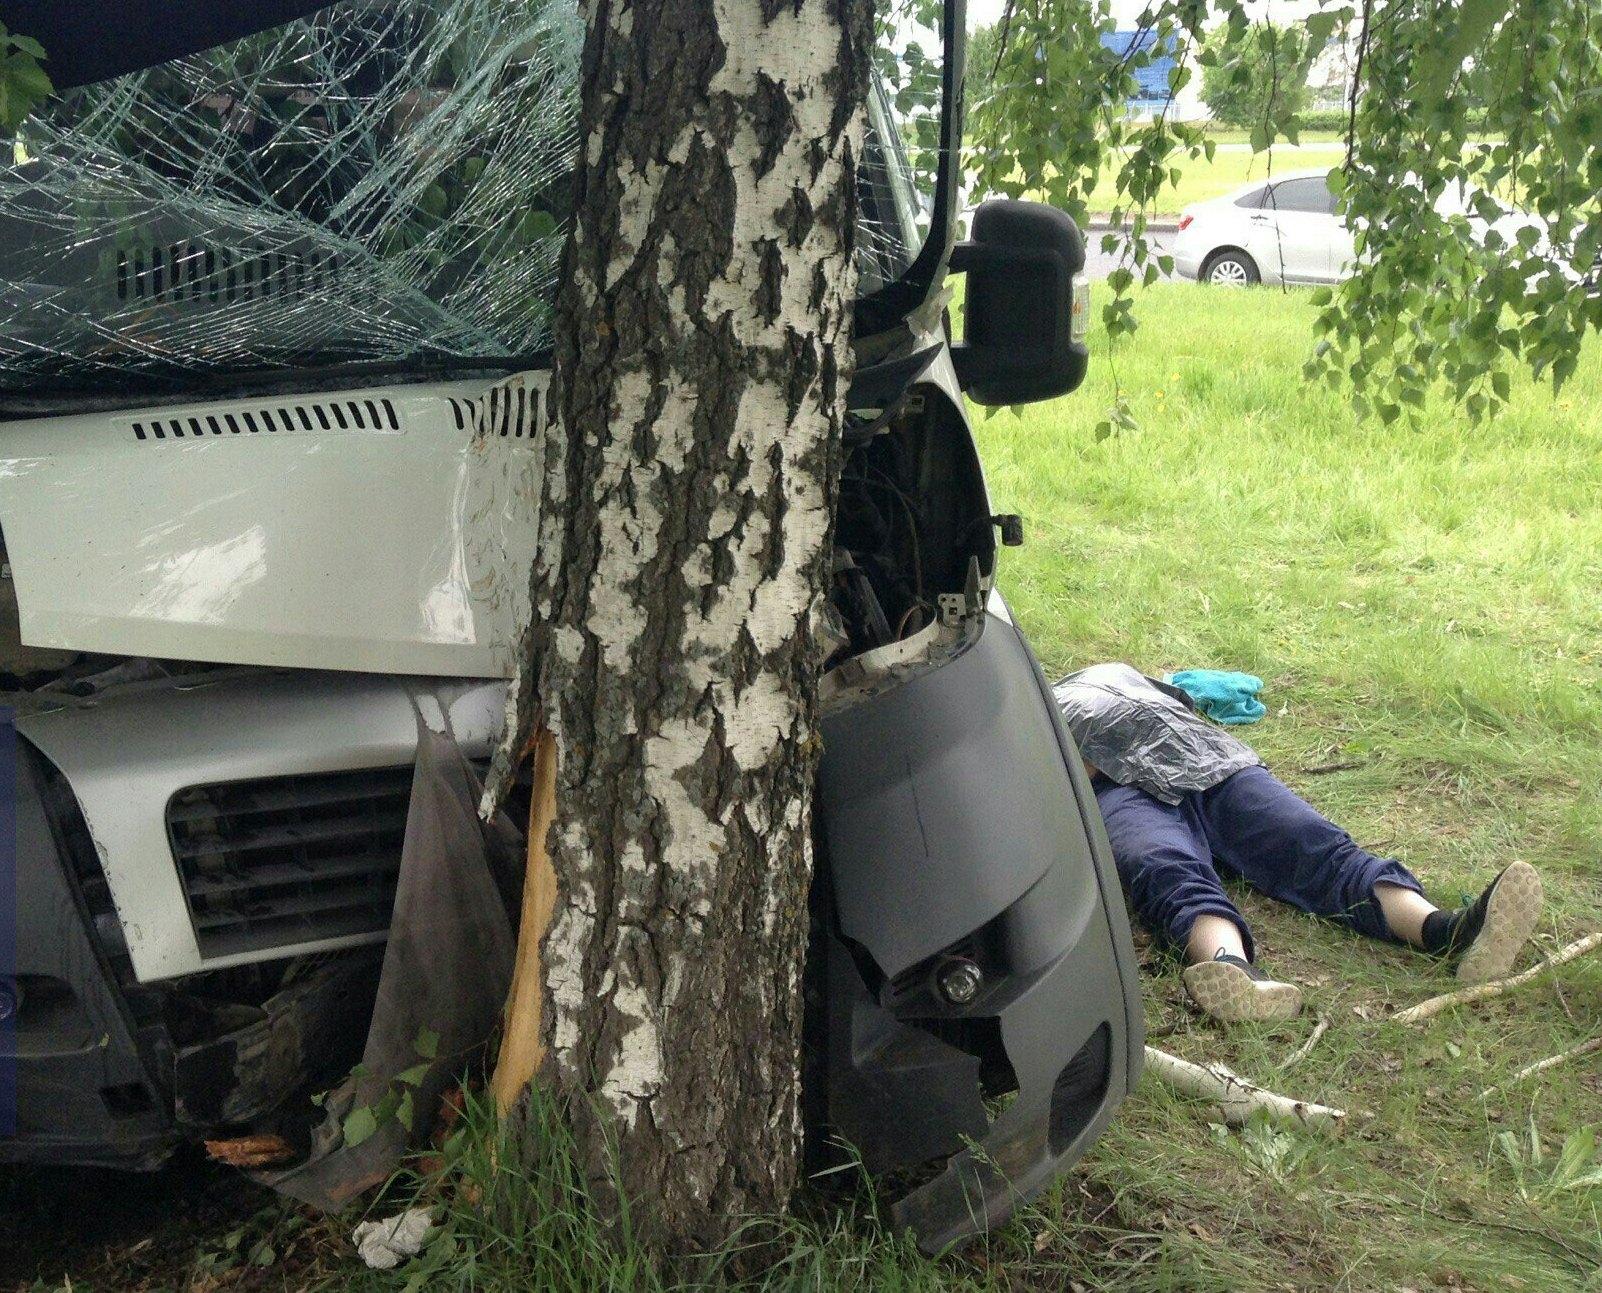 ВТольятти наЮжном шоссе умер шофёр маршрутного микроавтобуса «Fiat»